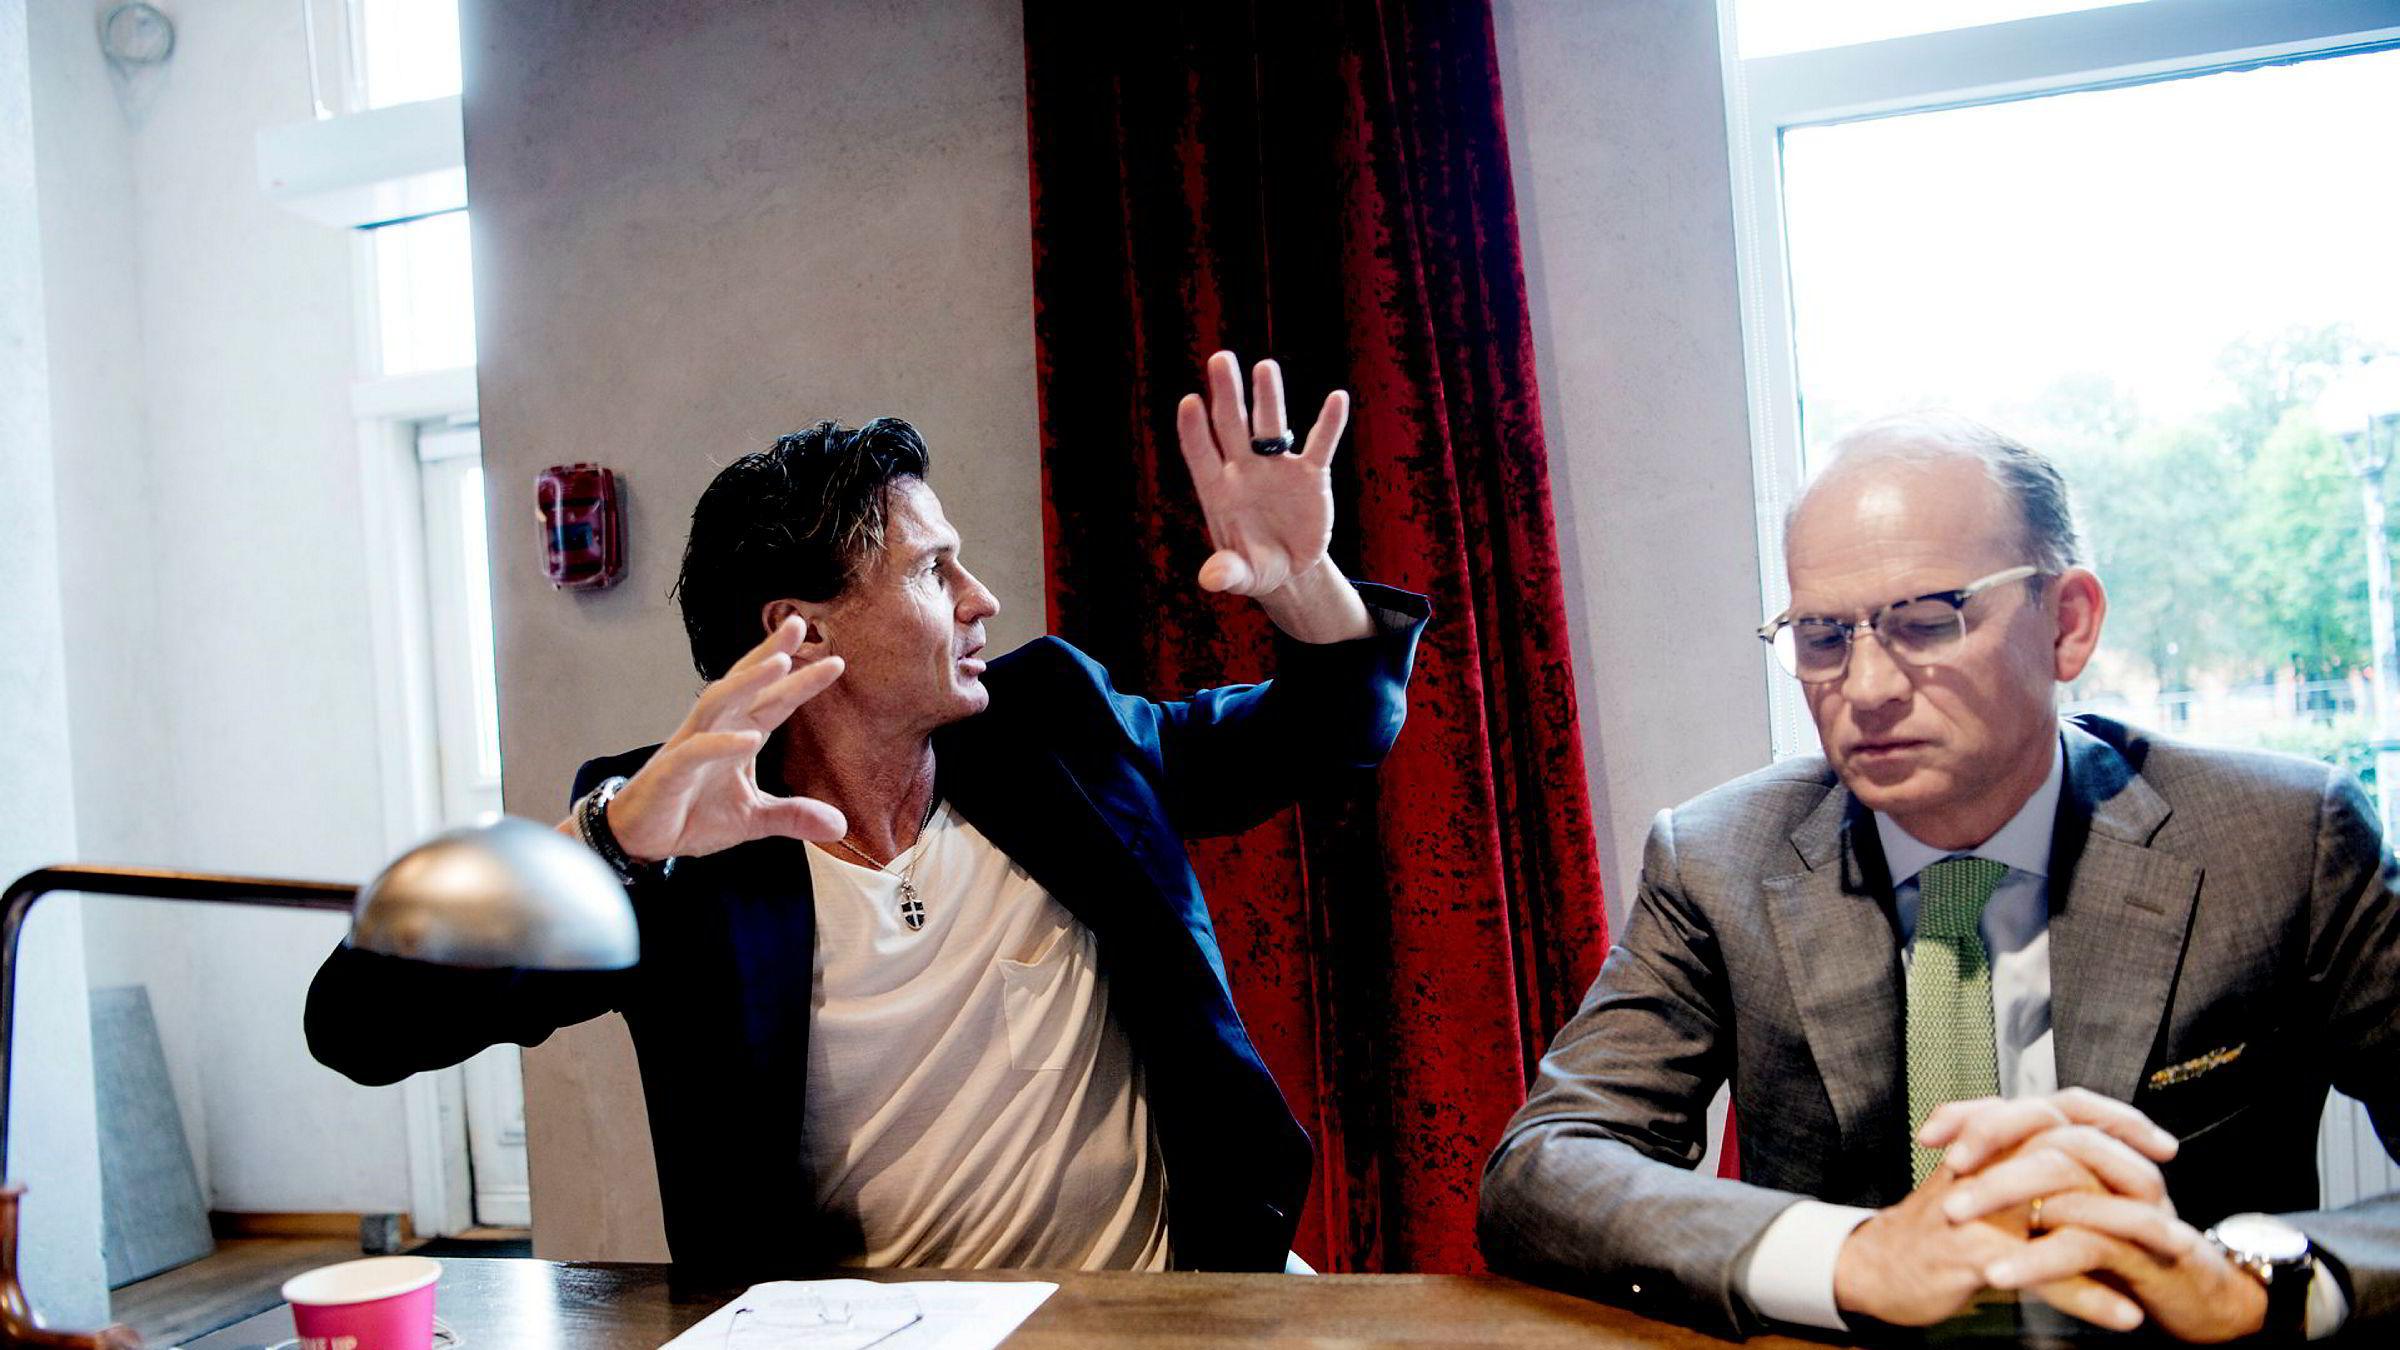 Nordic Choice-sjef Torgeir Silseth (til høyre) reagerer kraftig på avkortingen i kontantstøtte på nær 50 millioner kroner for hotellkjeden. Her sammen med Petter Stordalen. Bildet er tatt ved en tidligere anledning.